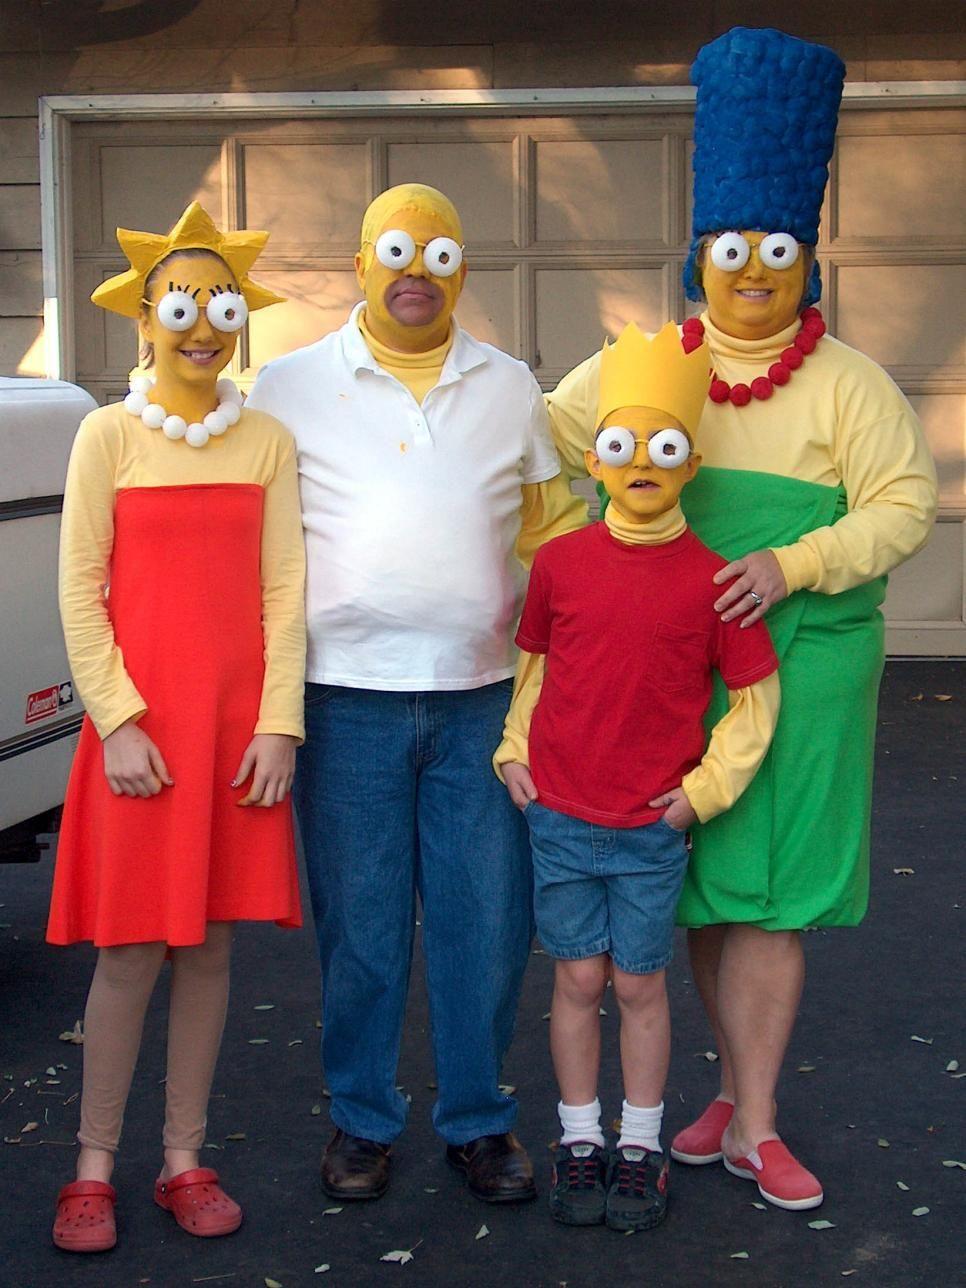 pinnicki kinnin on clever costumes   pinterest   halloween